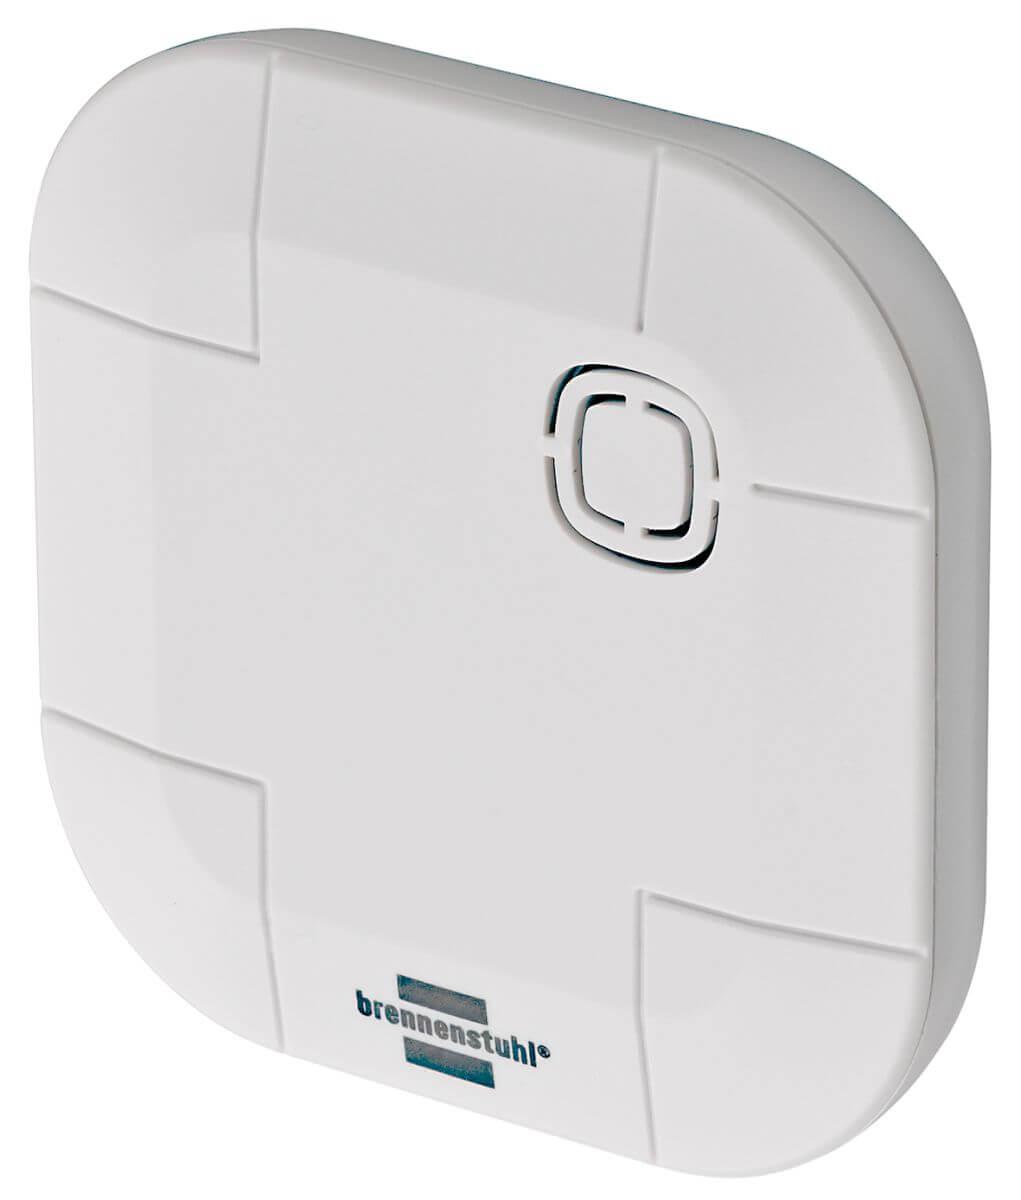 BrematicPro Funk-Wassermelder, Aufputz, Weiß (Brennenstuhl Smart Home)